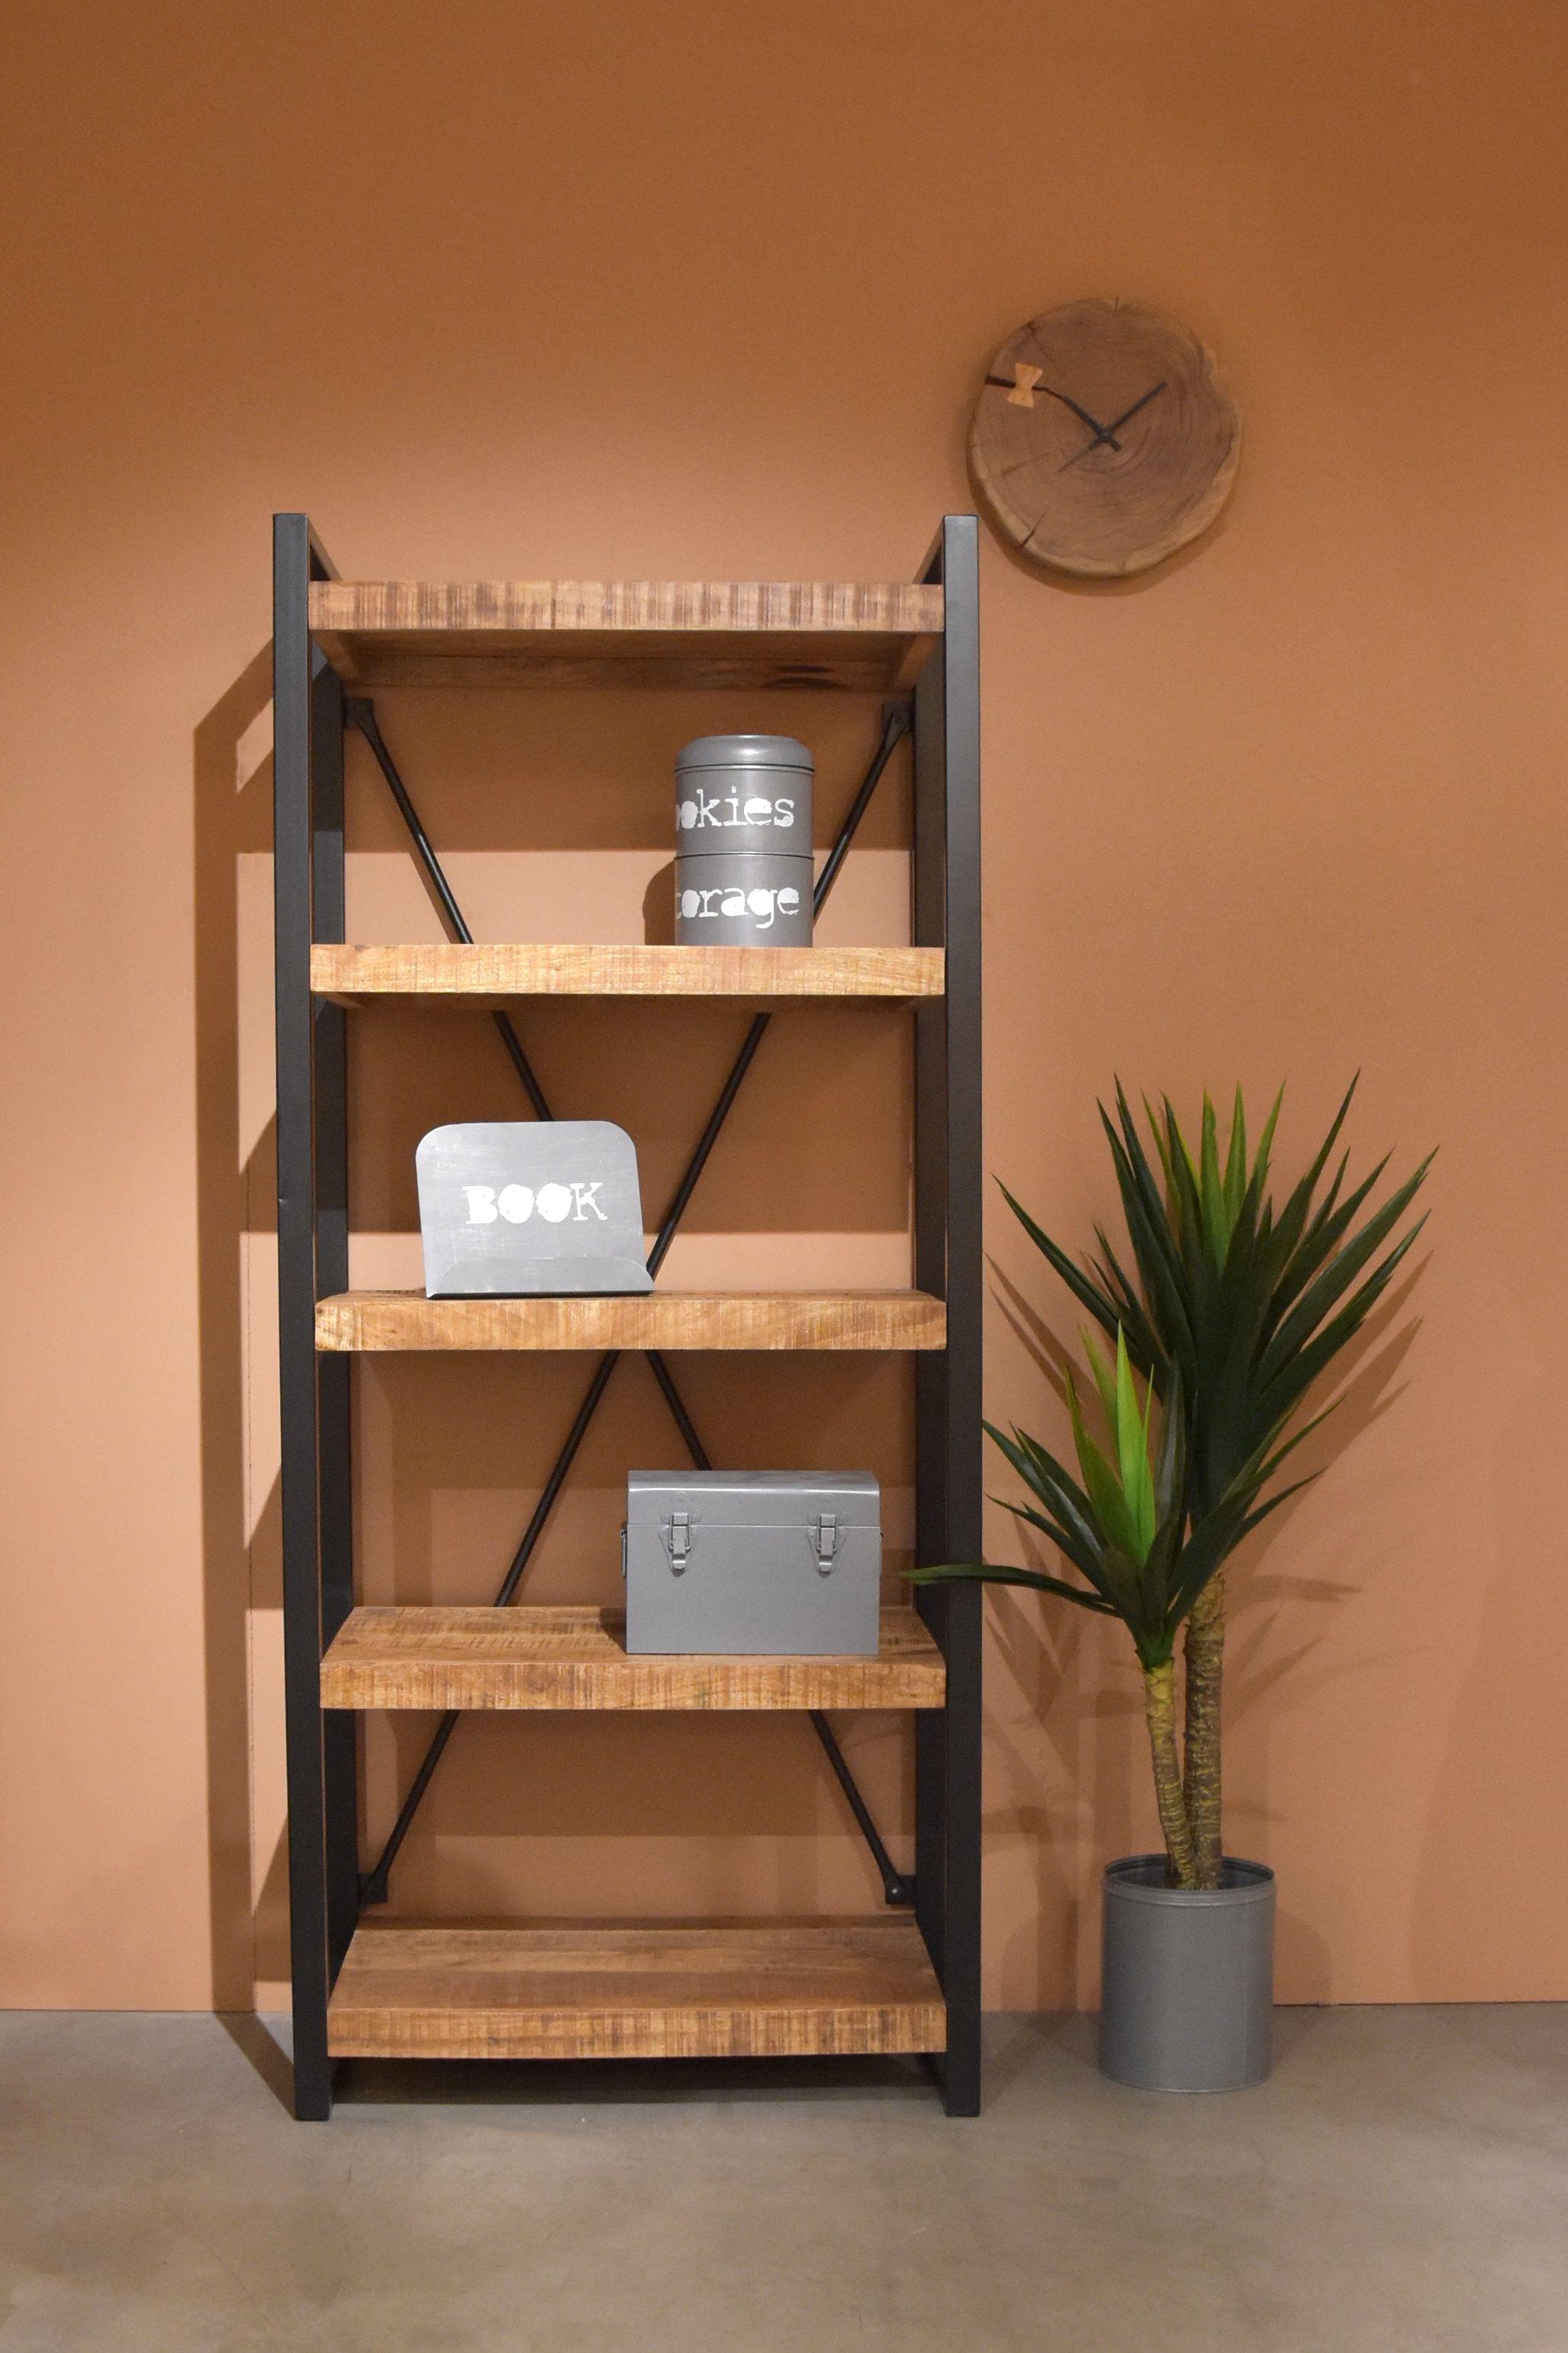 boekenkast brussel van label51 is met zijn ruwe mango houten oppervlaktes gecombineerd met het zwart